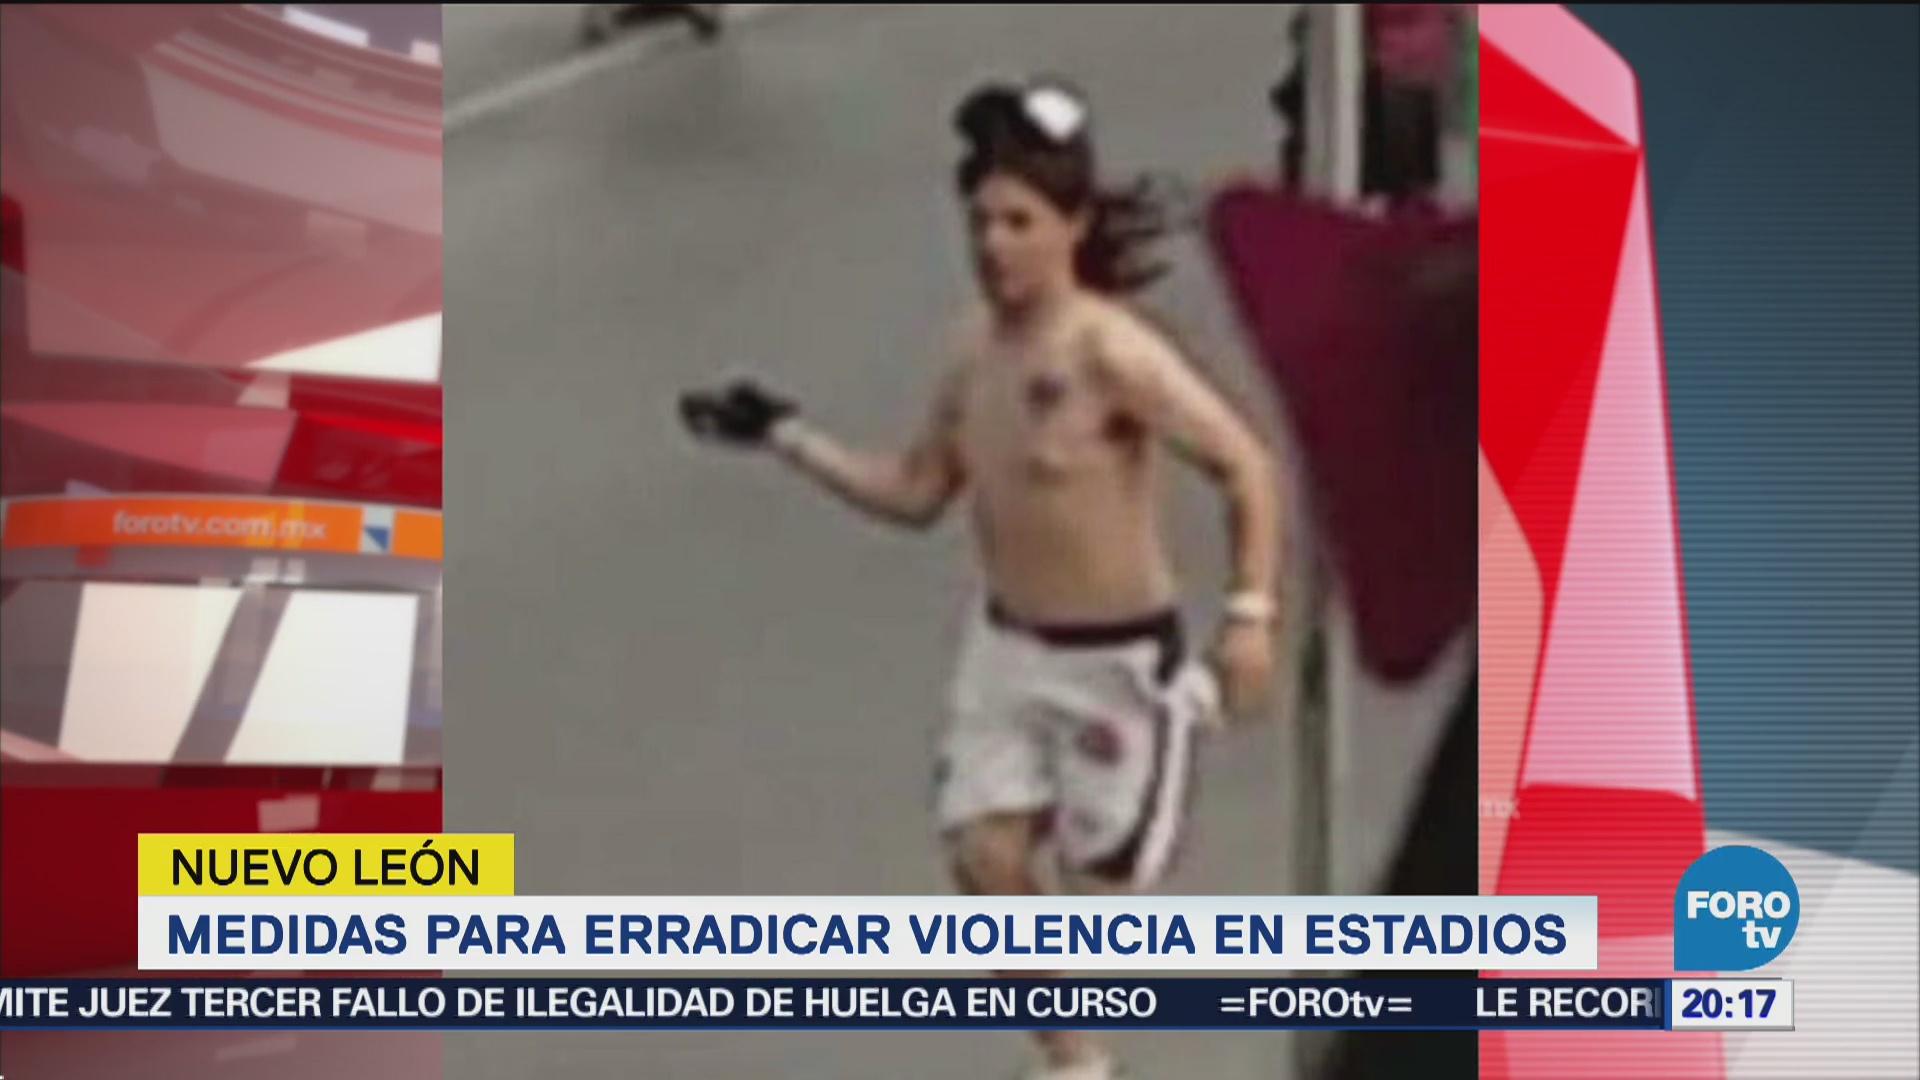 Anuncian Medidas Erradicar Violencia Estadios Futbol